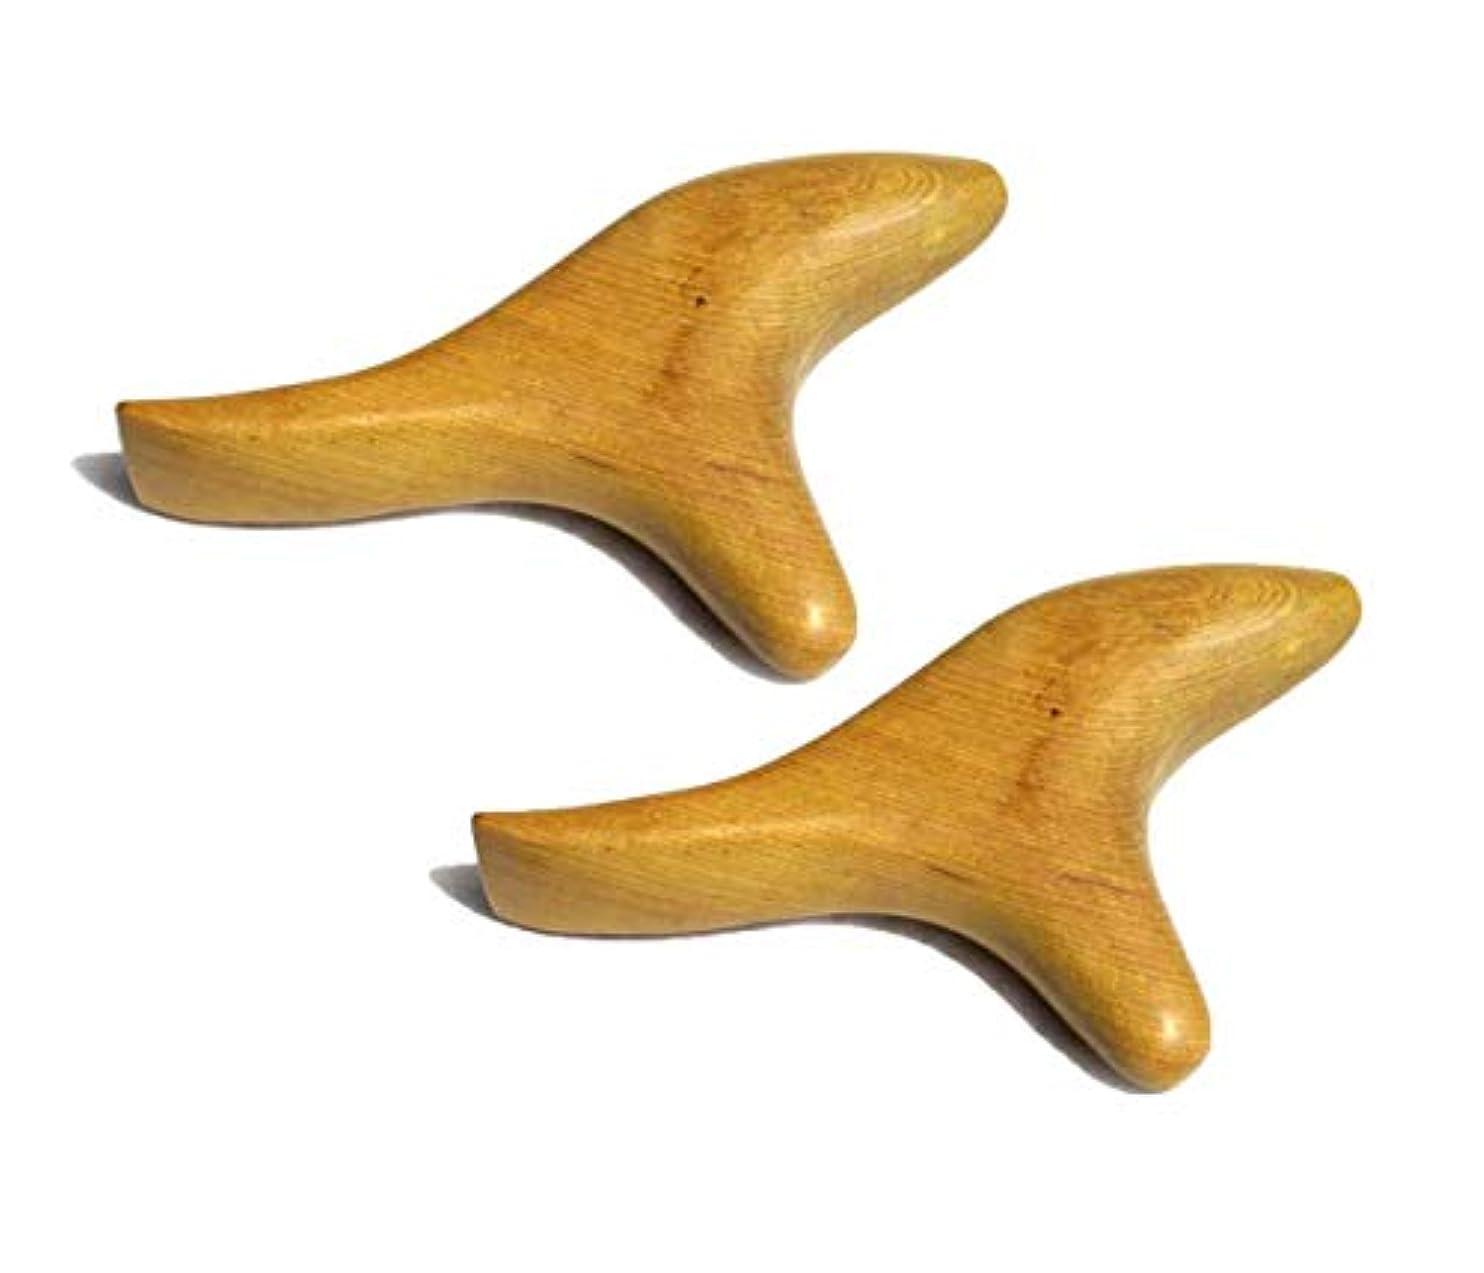 高原酸素その結果Viffly ウッドマッサージ棒 握りタイプ 天然木 オカリナ型(ウッドマッサージ棒2個)